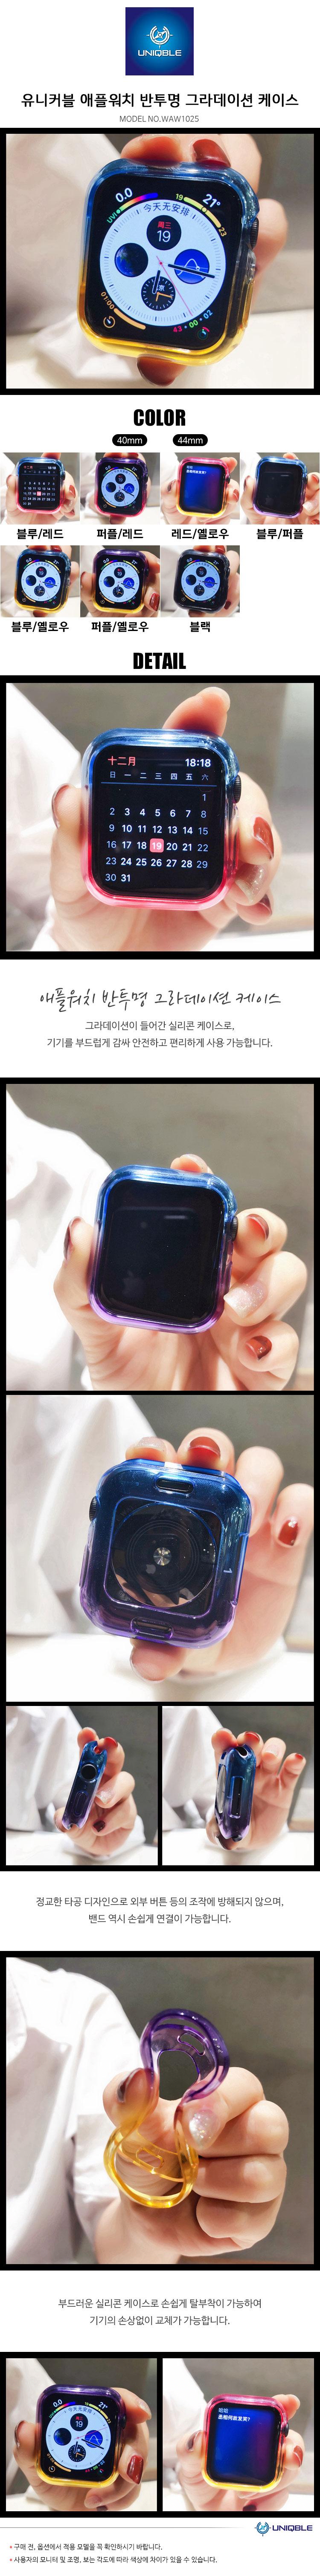 애플워치4 반투명 그라데이션 실리콘케이스 40mm 44mm - 유니커블, 3,200원, 스마트워치/밴드, 스마트워치 주변기기